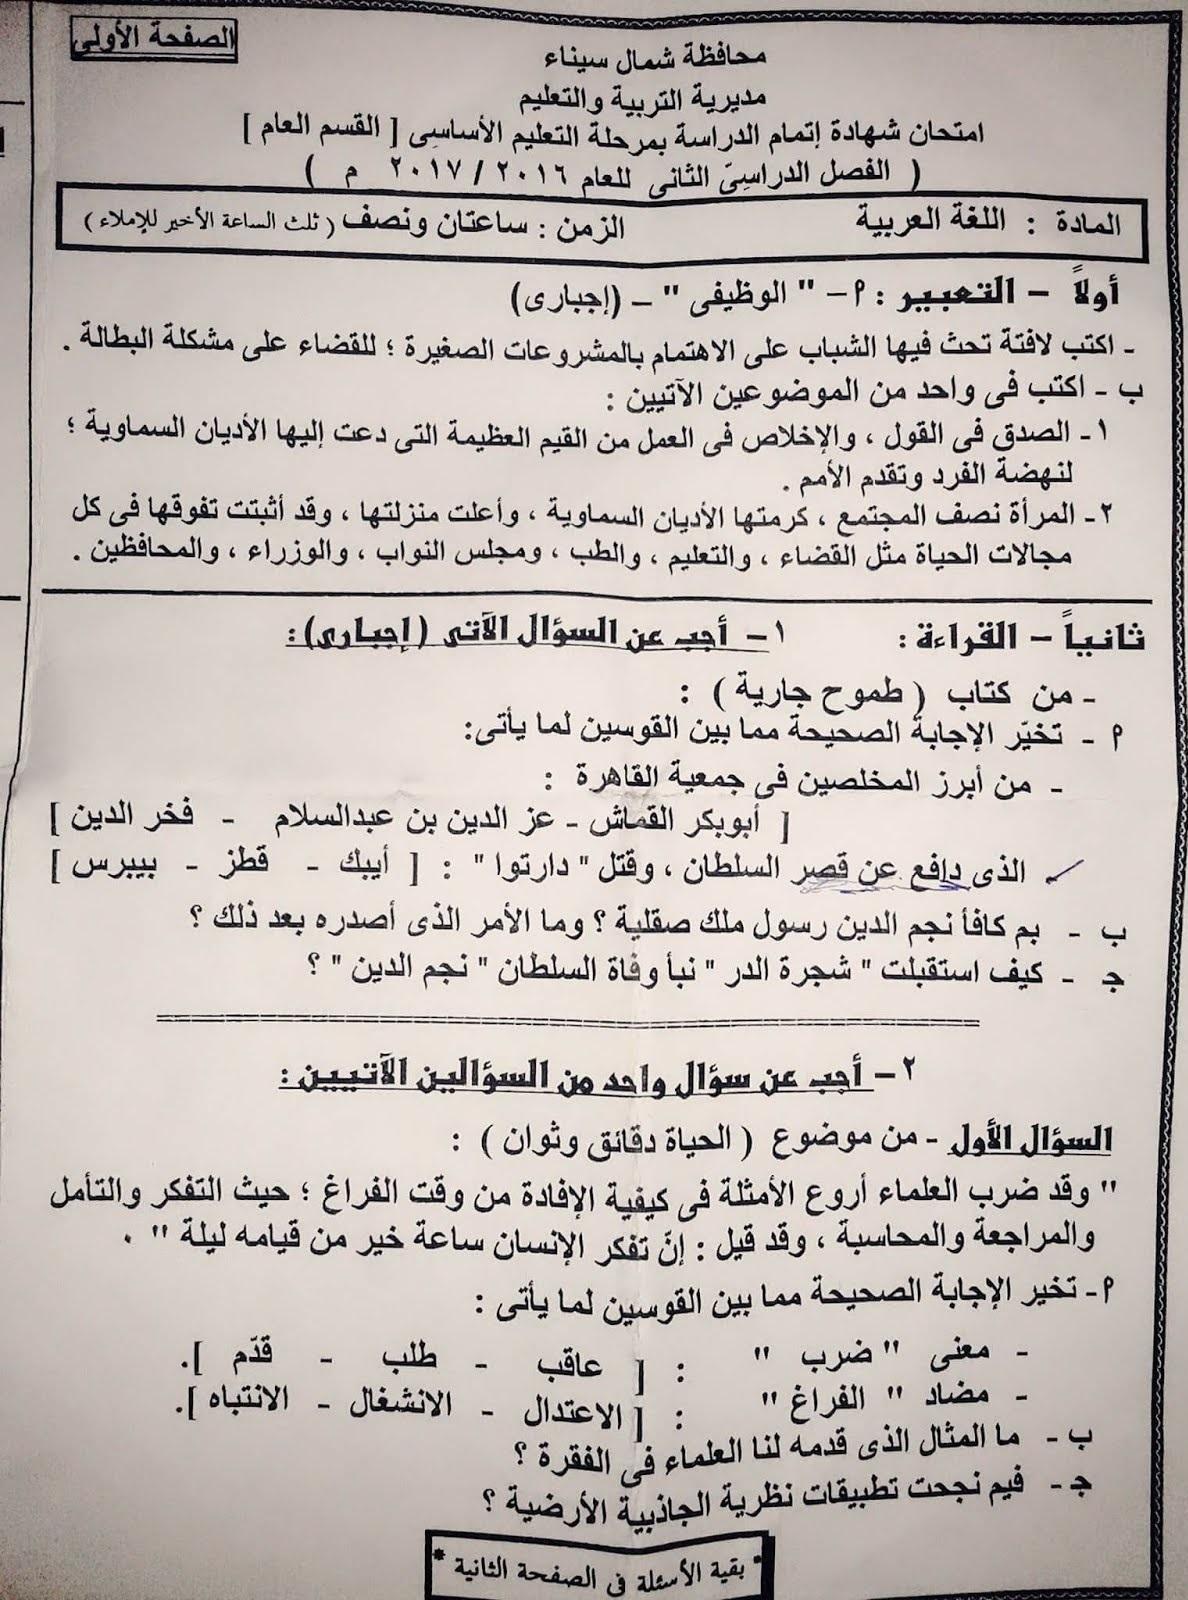 ورقة امتحان اللغة العربية للصف الثالث الاعدادي الفصل الدراسي الثاني 2017 محافظة شمال سيناء